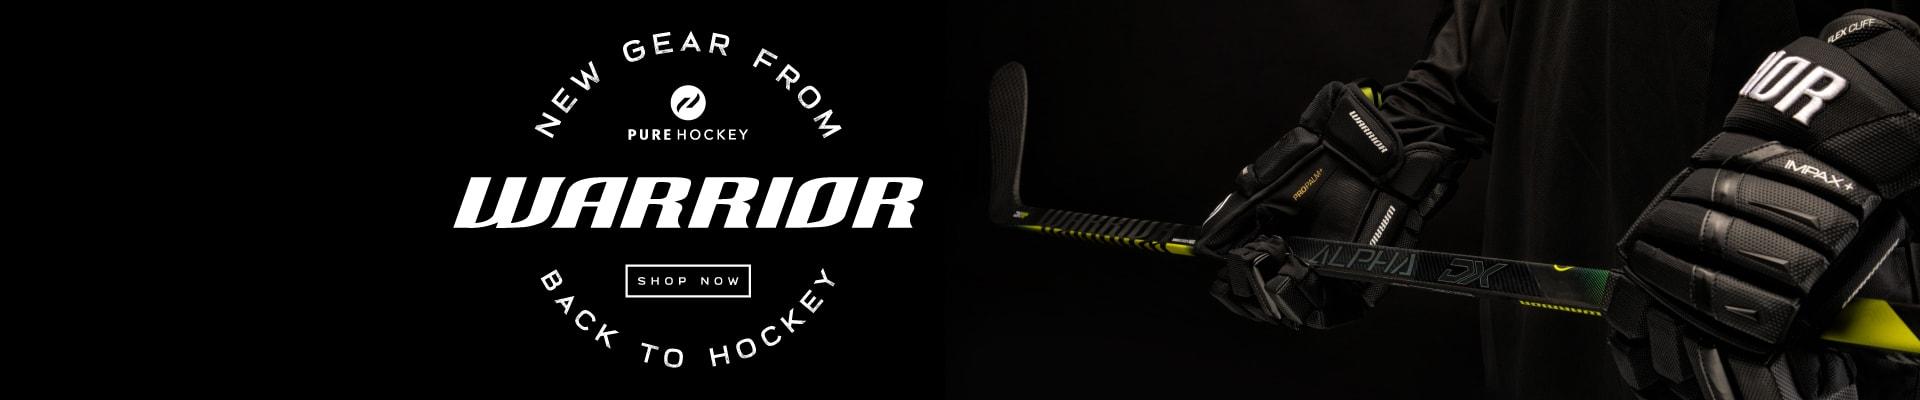 Back To Hockey - Warrior